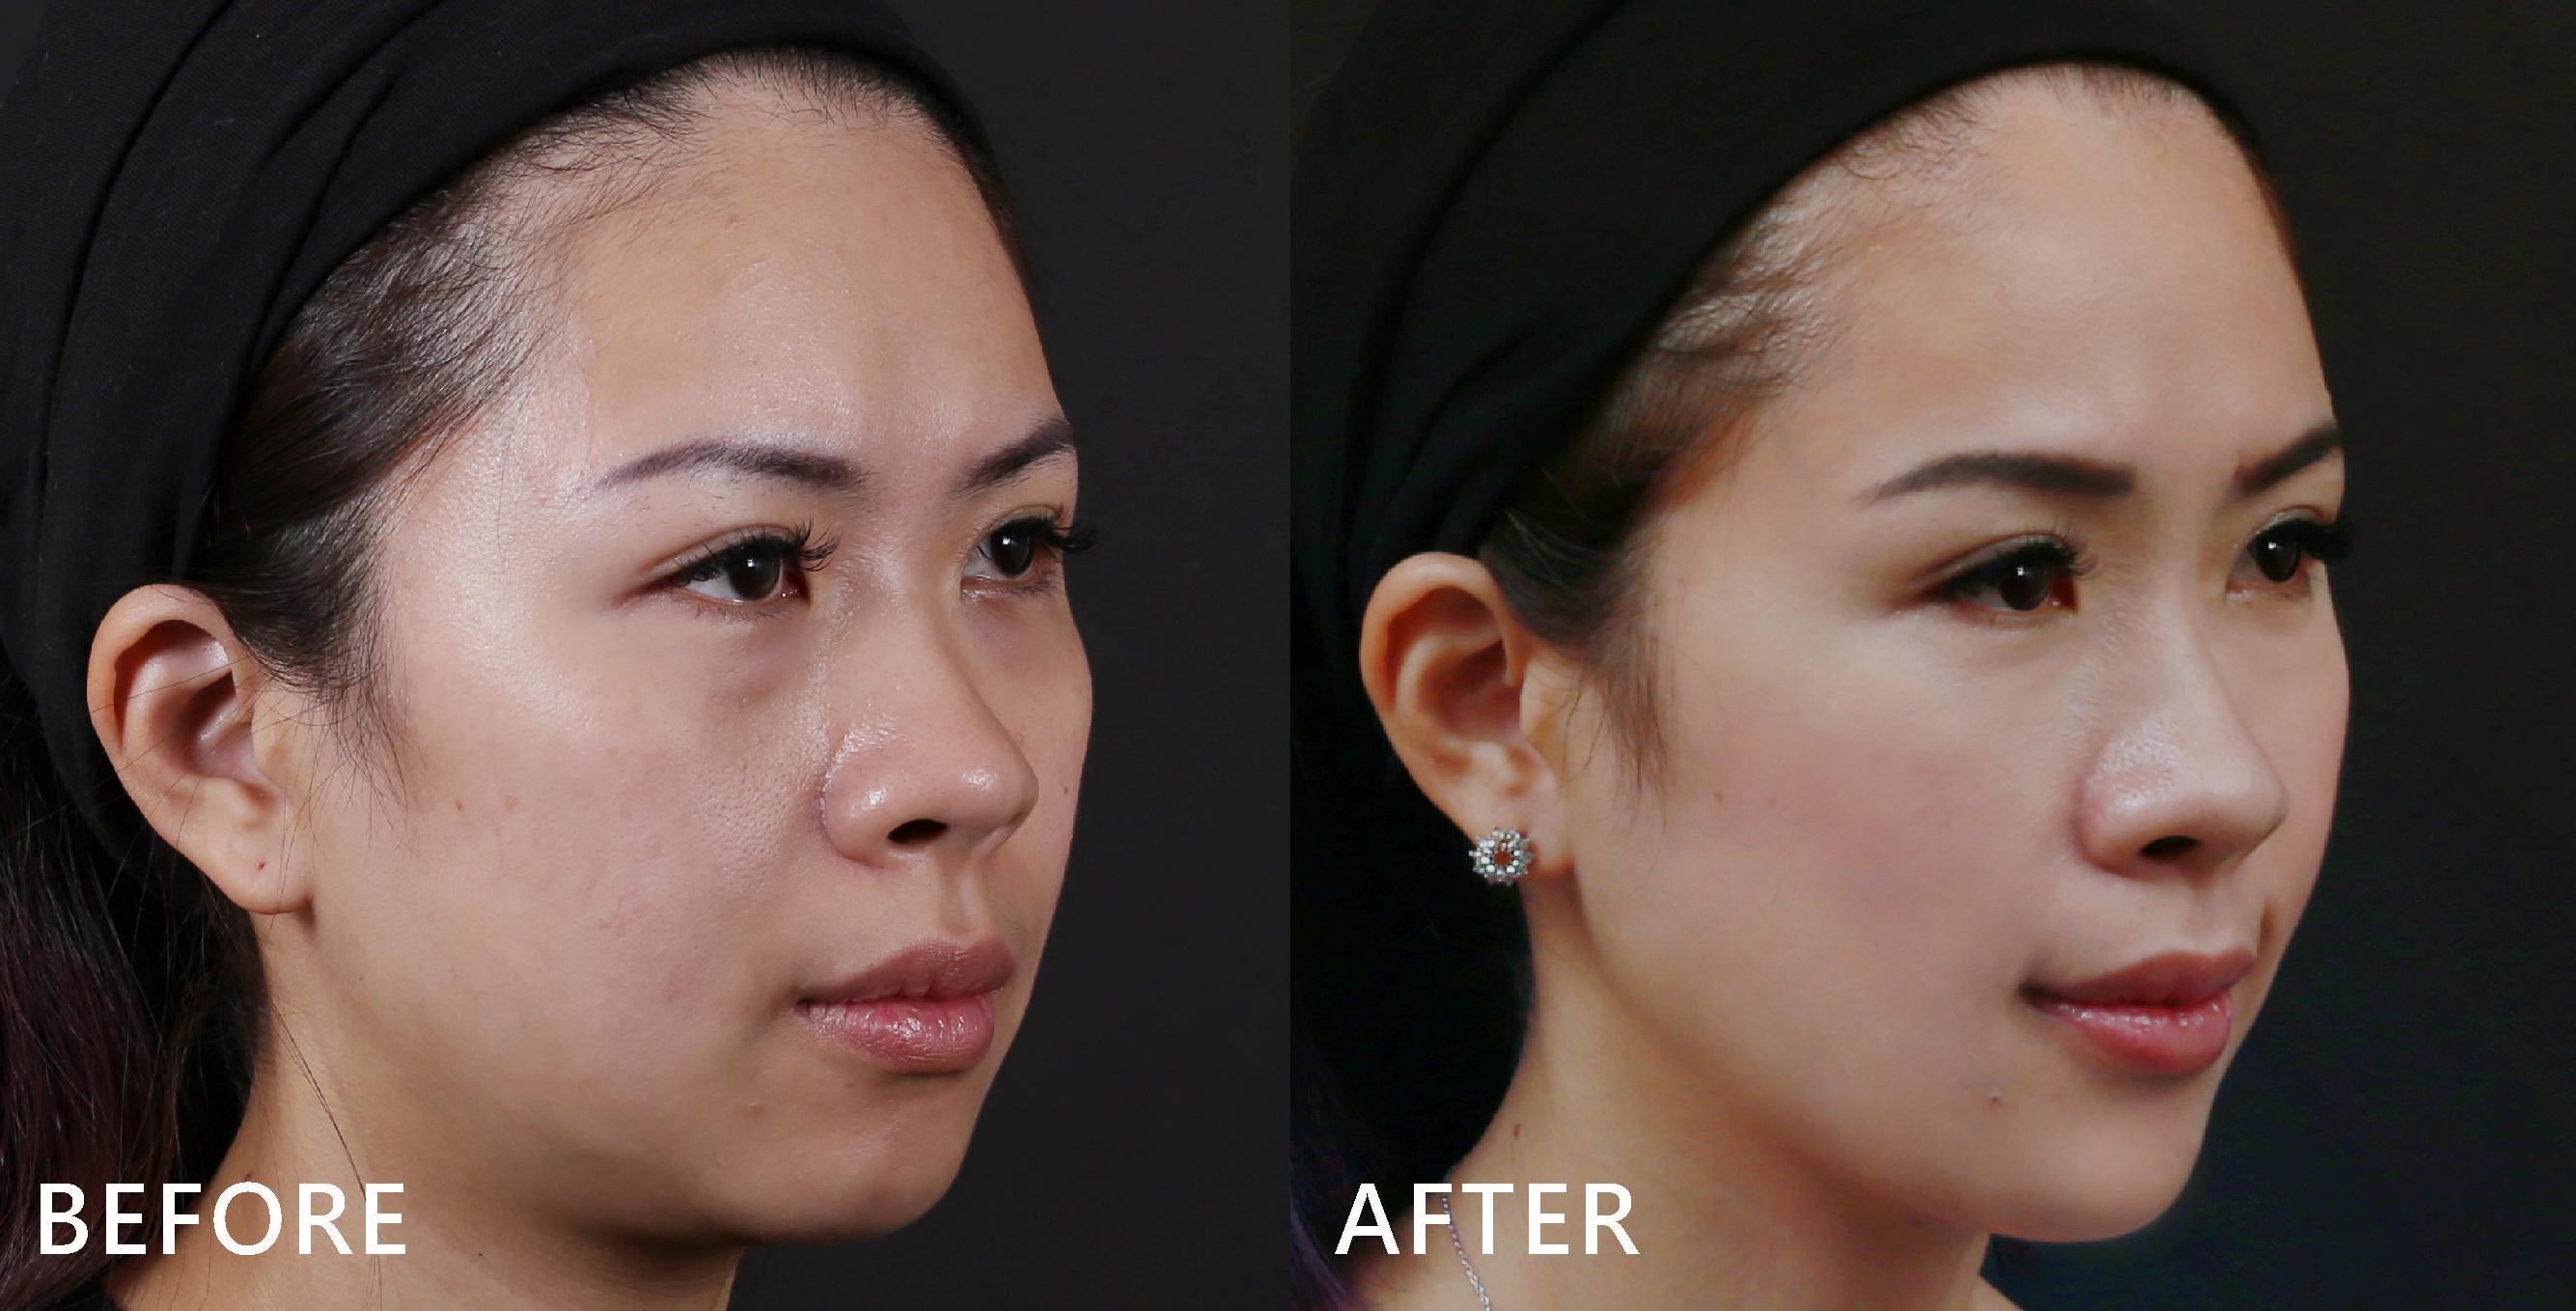 臉型的弧度也修飾得更順,下巴線條也變得更美,蘋果肌也出現了!(效果因個案而異)